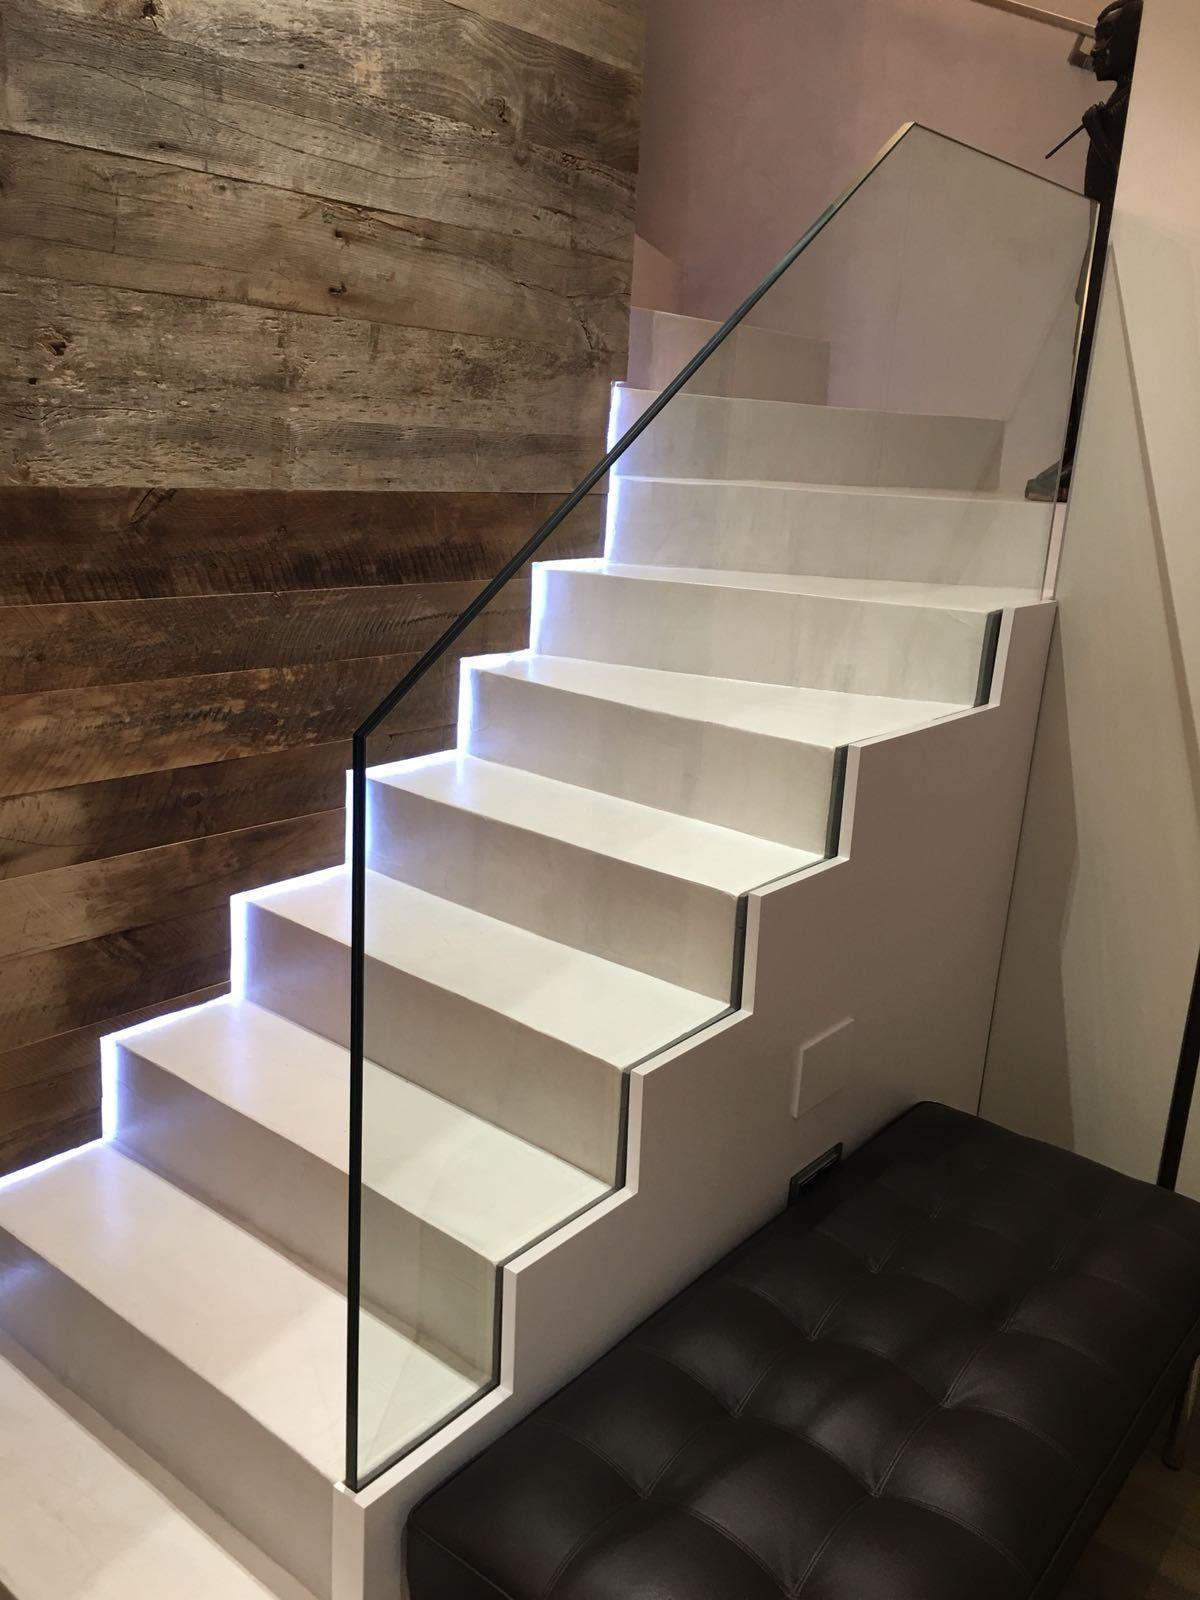 Escaleras metálicas: Productos y servicios de Cristalería Jiménez